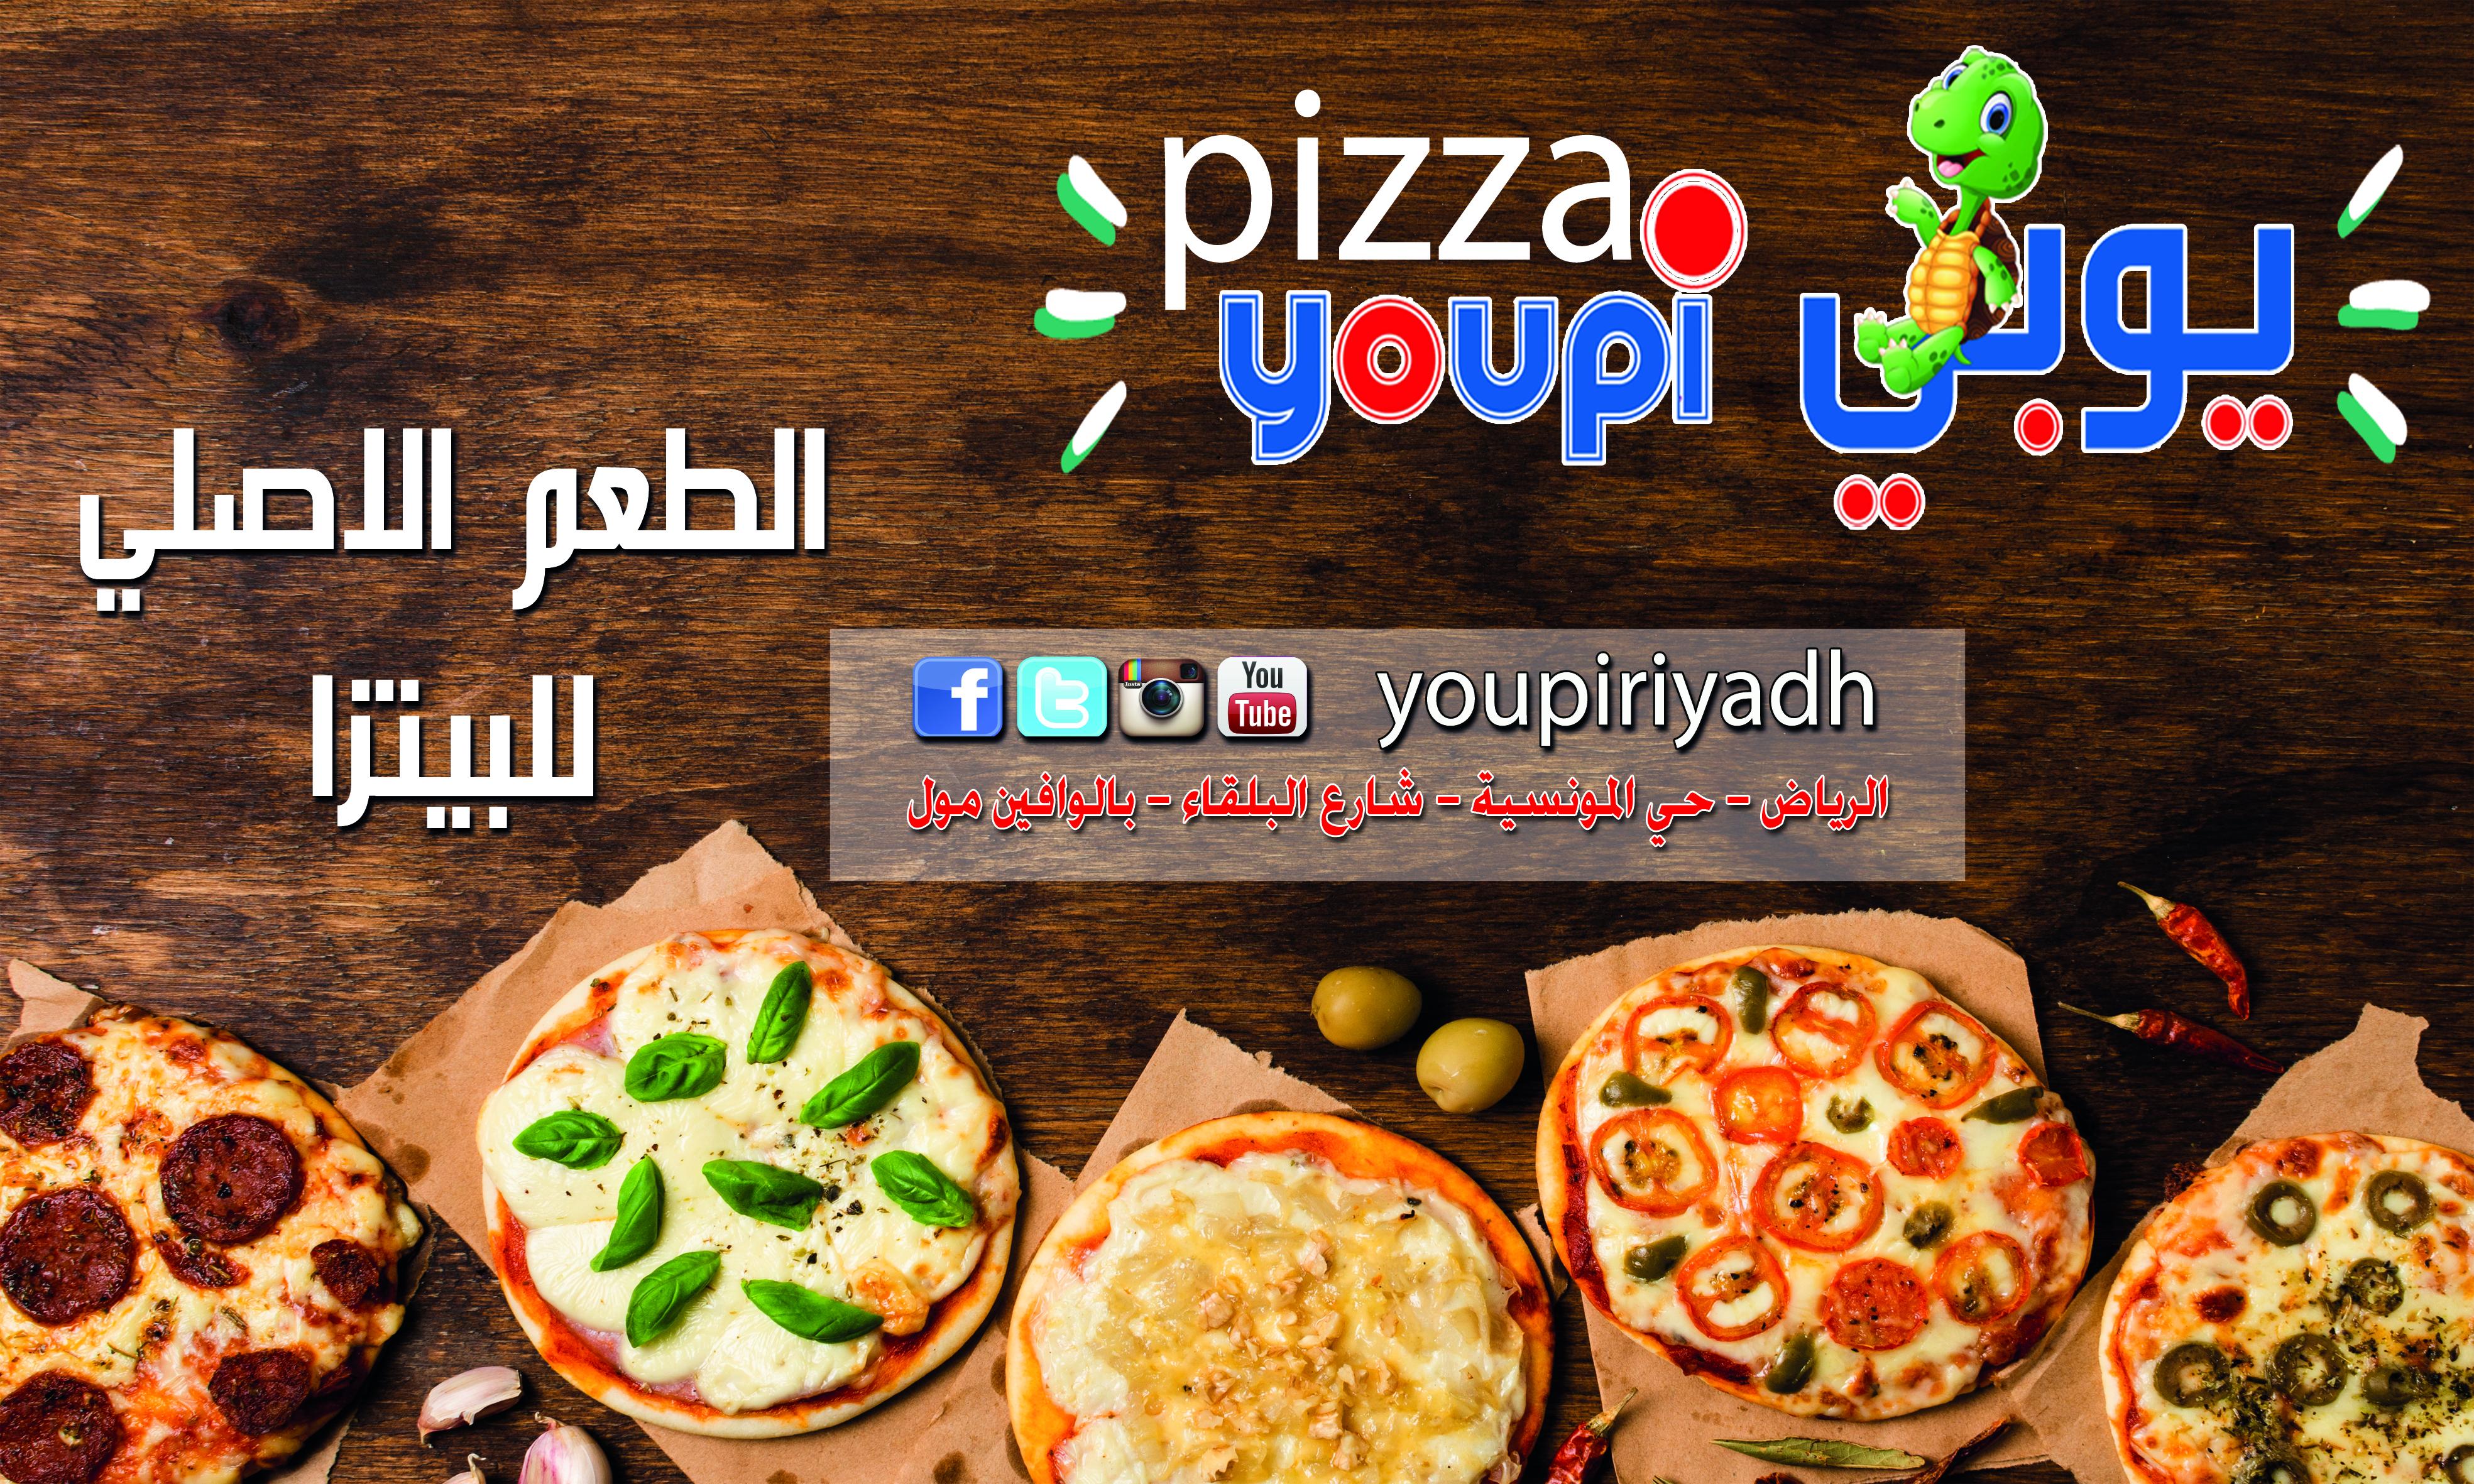 بيتزا يوبي الطعم الاصلي للبيتزا